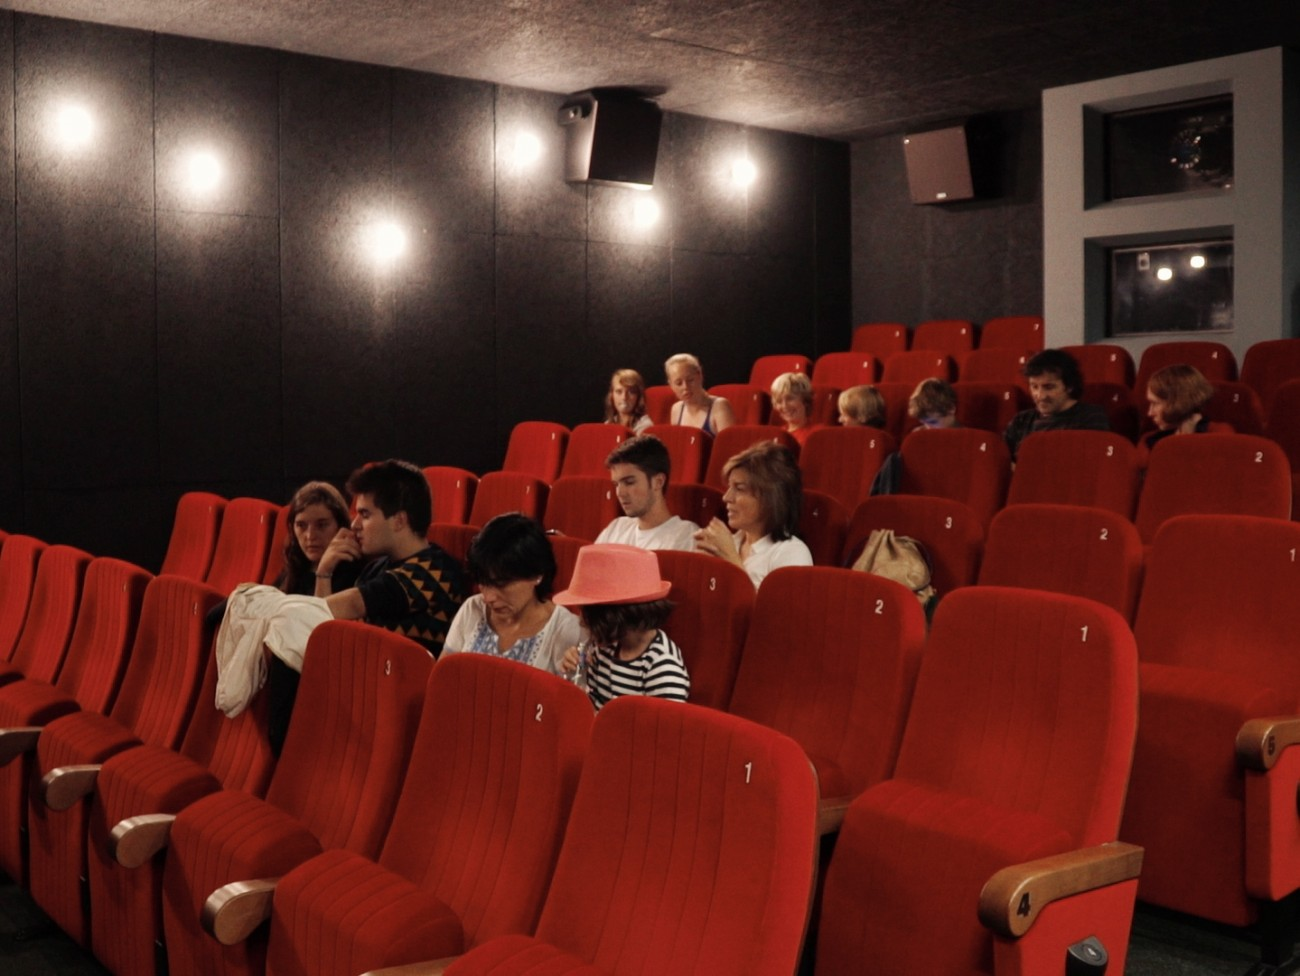 Ce cinéma repose sur une implication très forte du public, ayant pu voir le jour grâce au soutien de la communauté : 182 personnes se sont portées garantes pour le crédit nécessaire à la mise en place de ce projet.